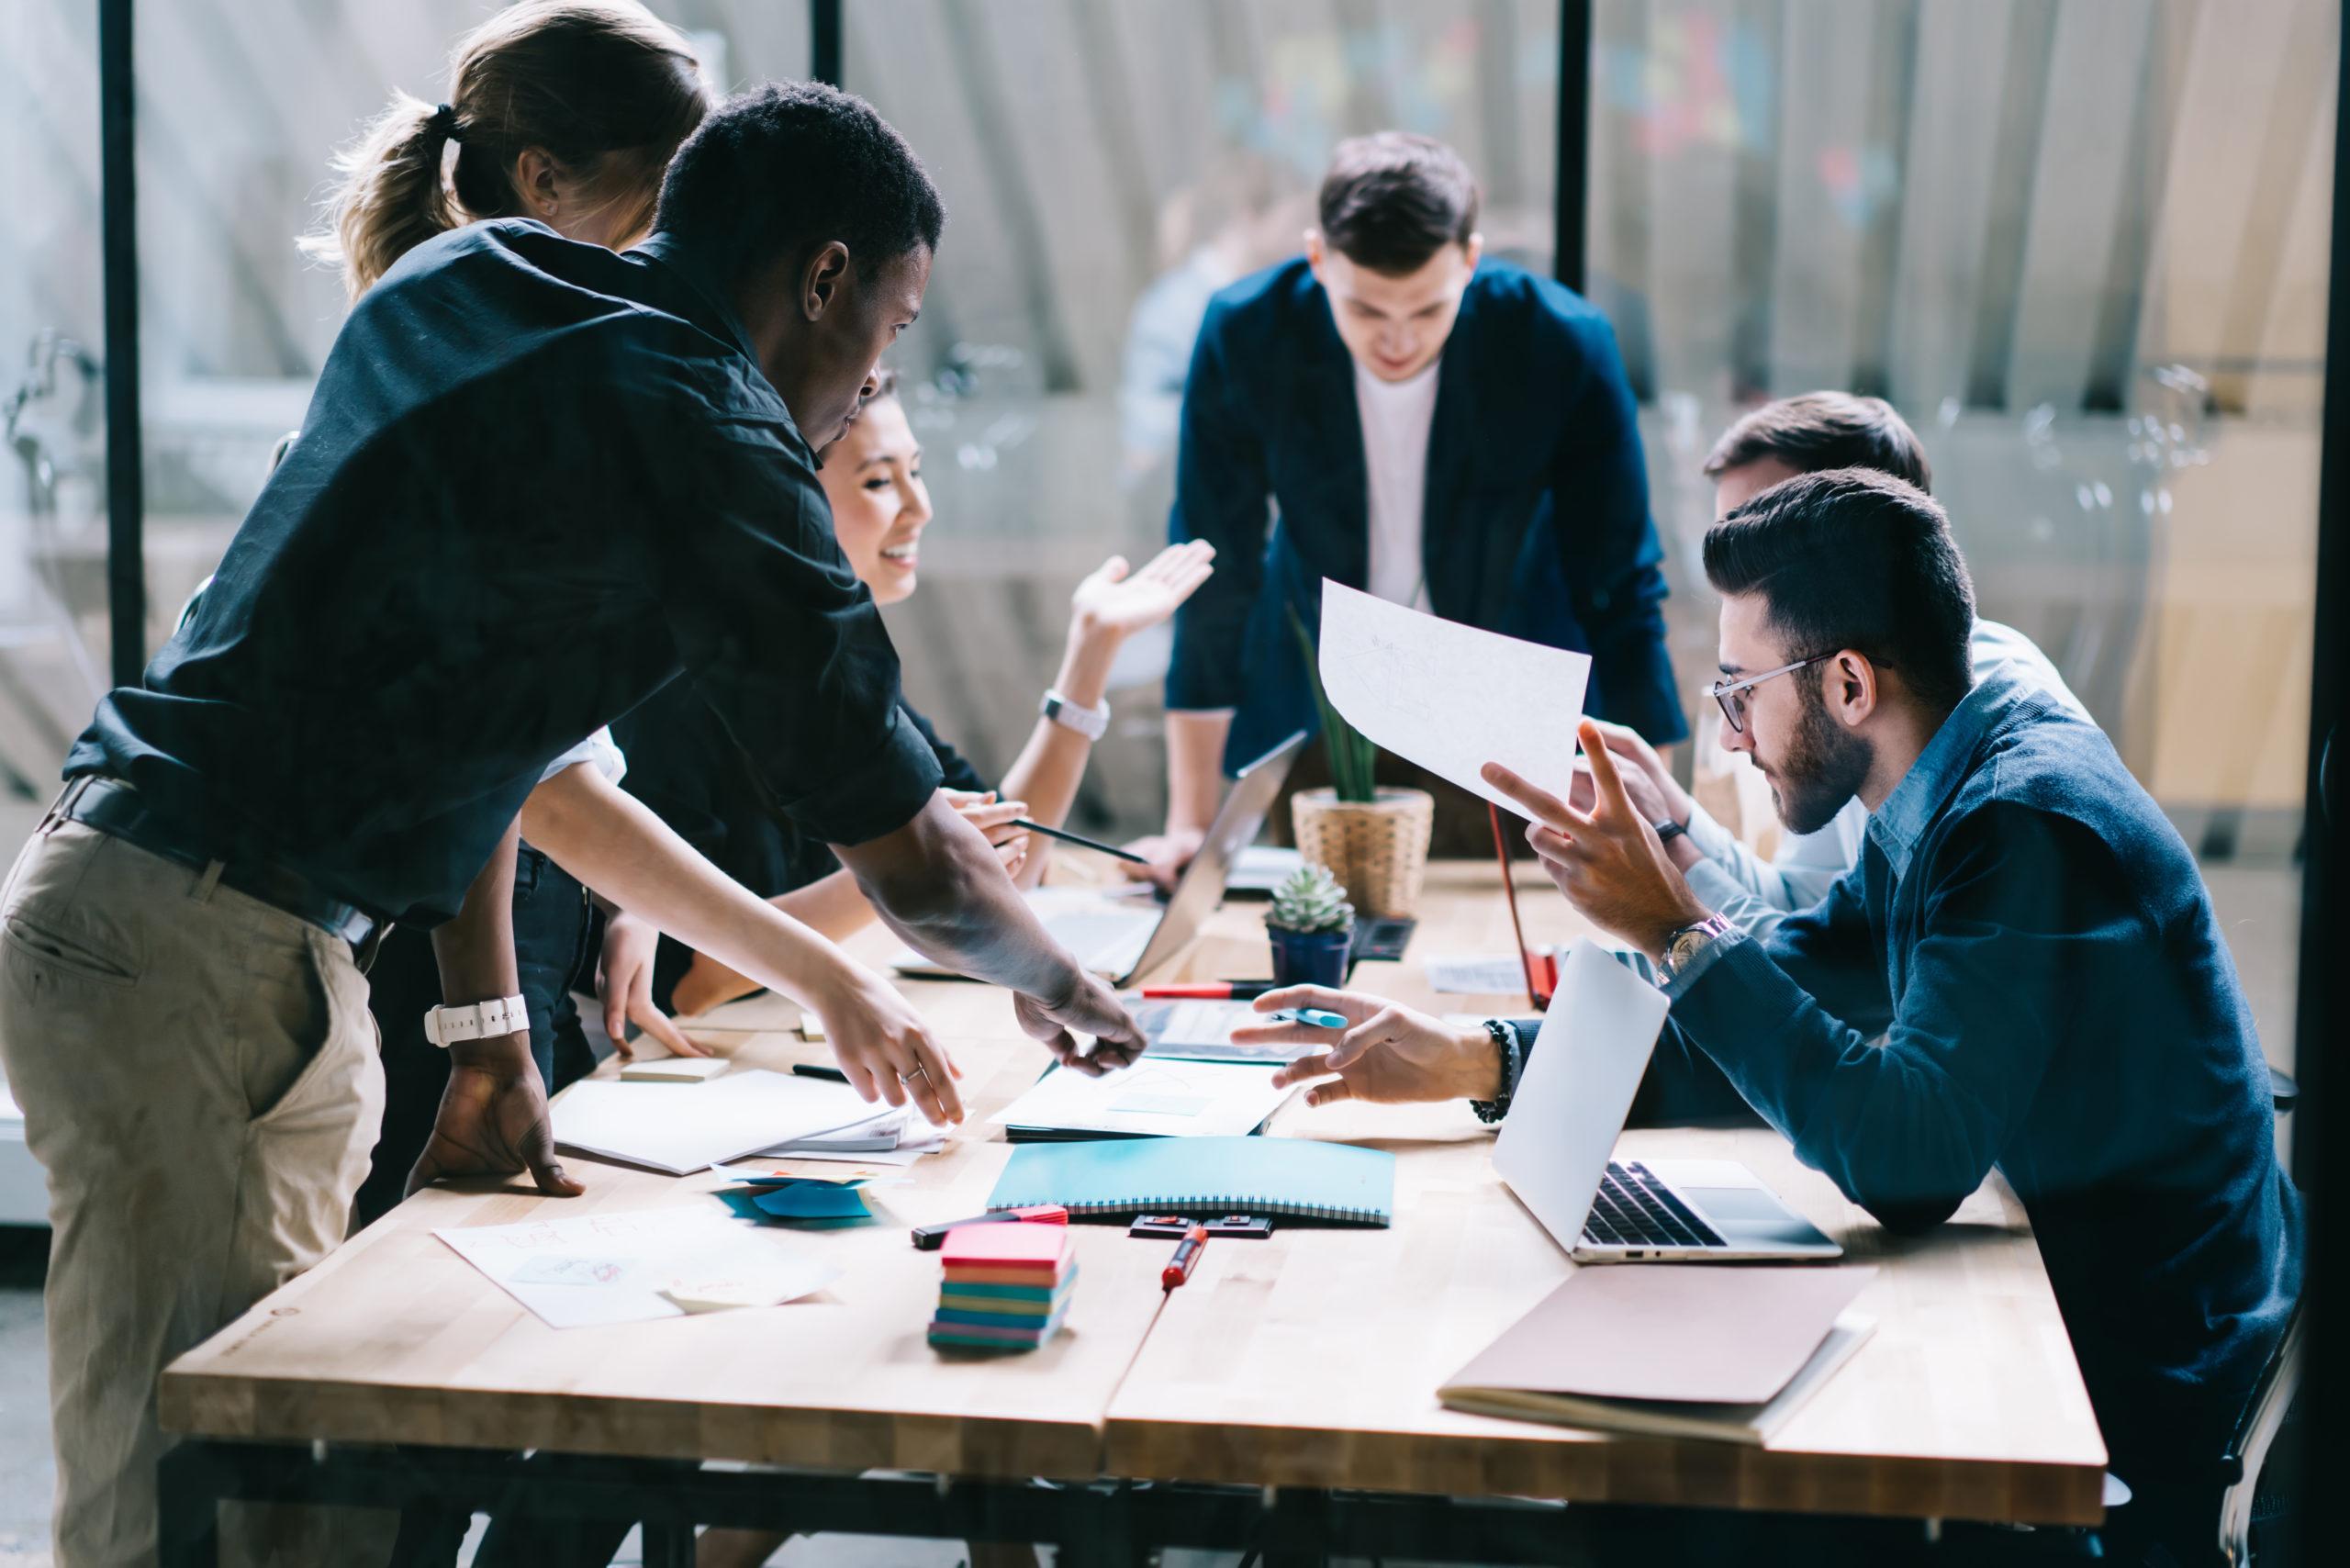 procesy rekrutacyjne / strategia rekrutacji / działania i narzędzia rekrutacyjne / marketing rekrutacyjny / candidate experience